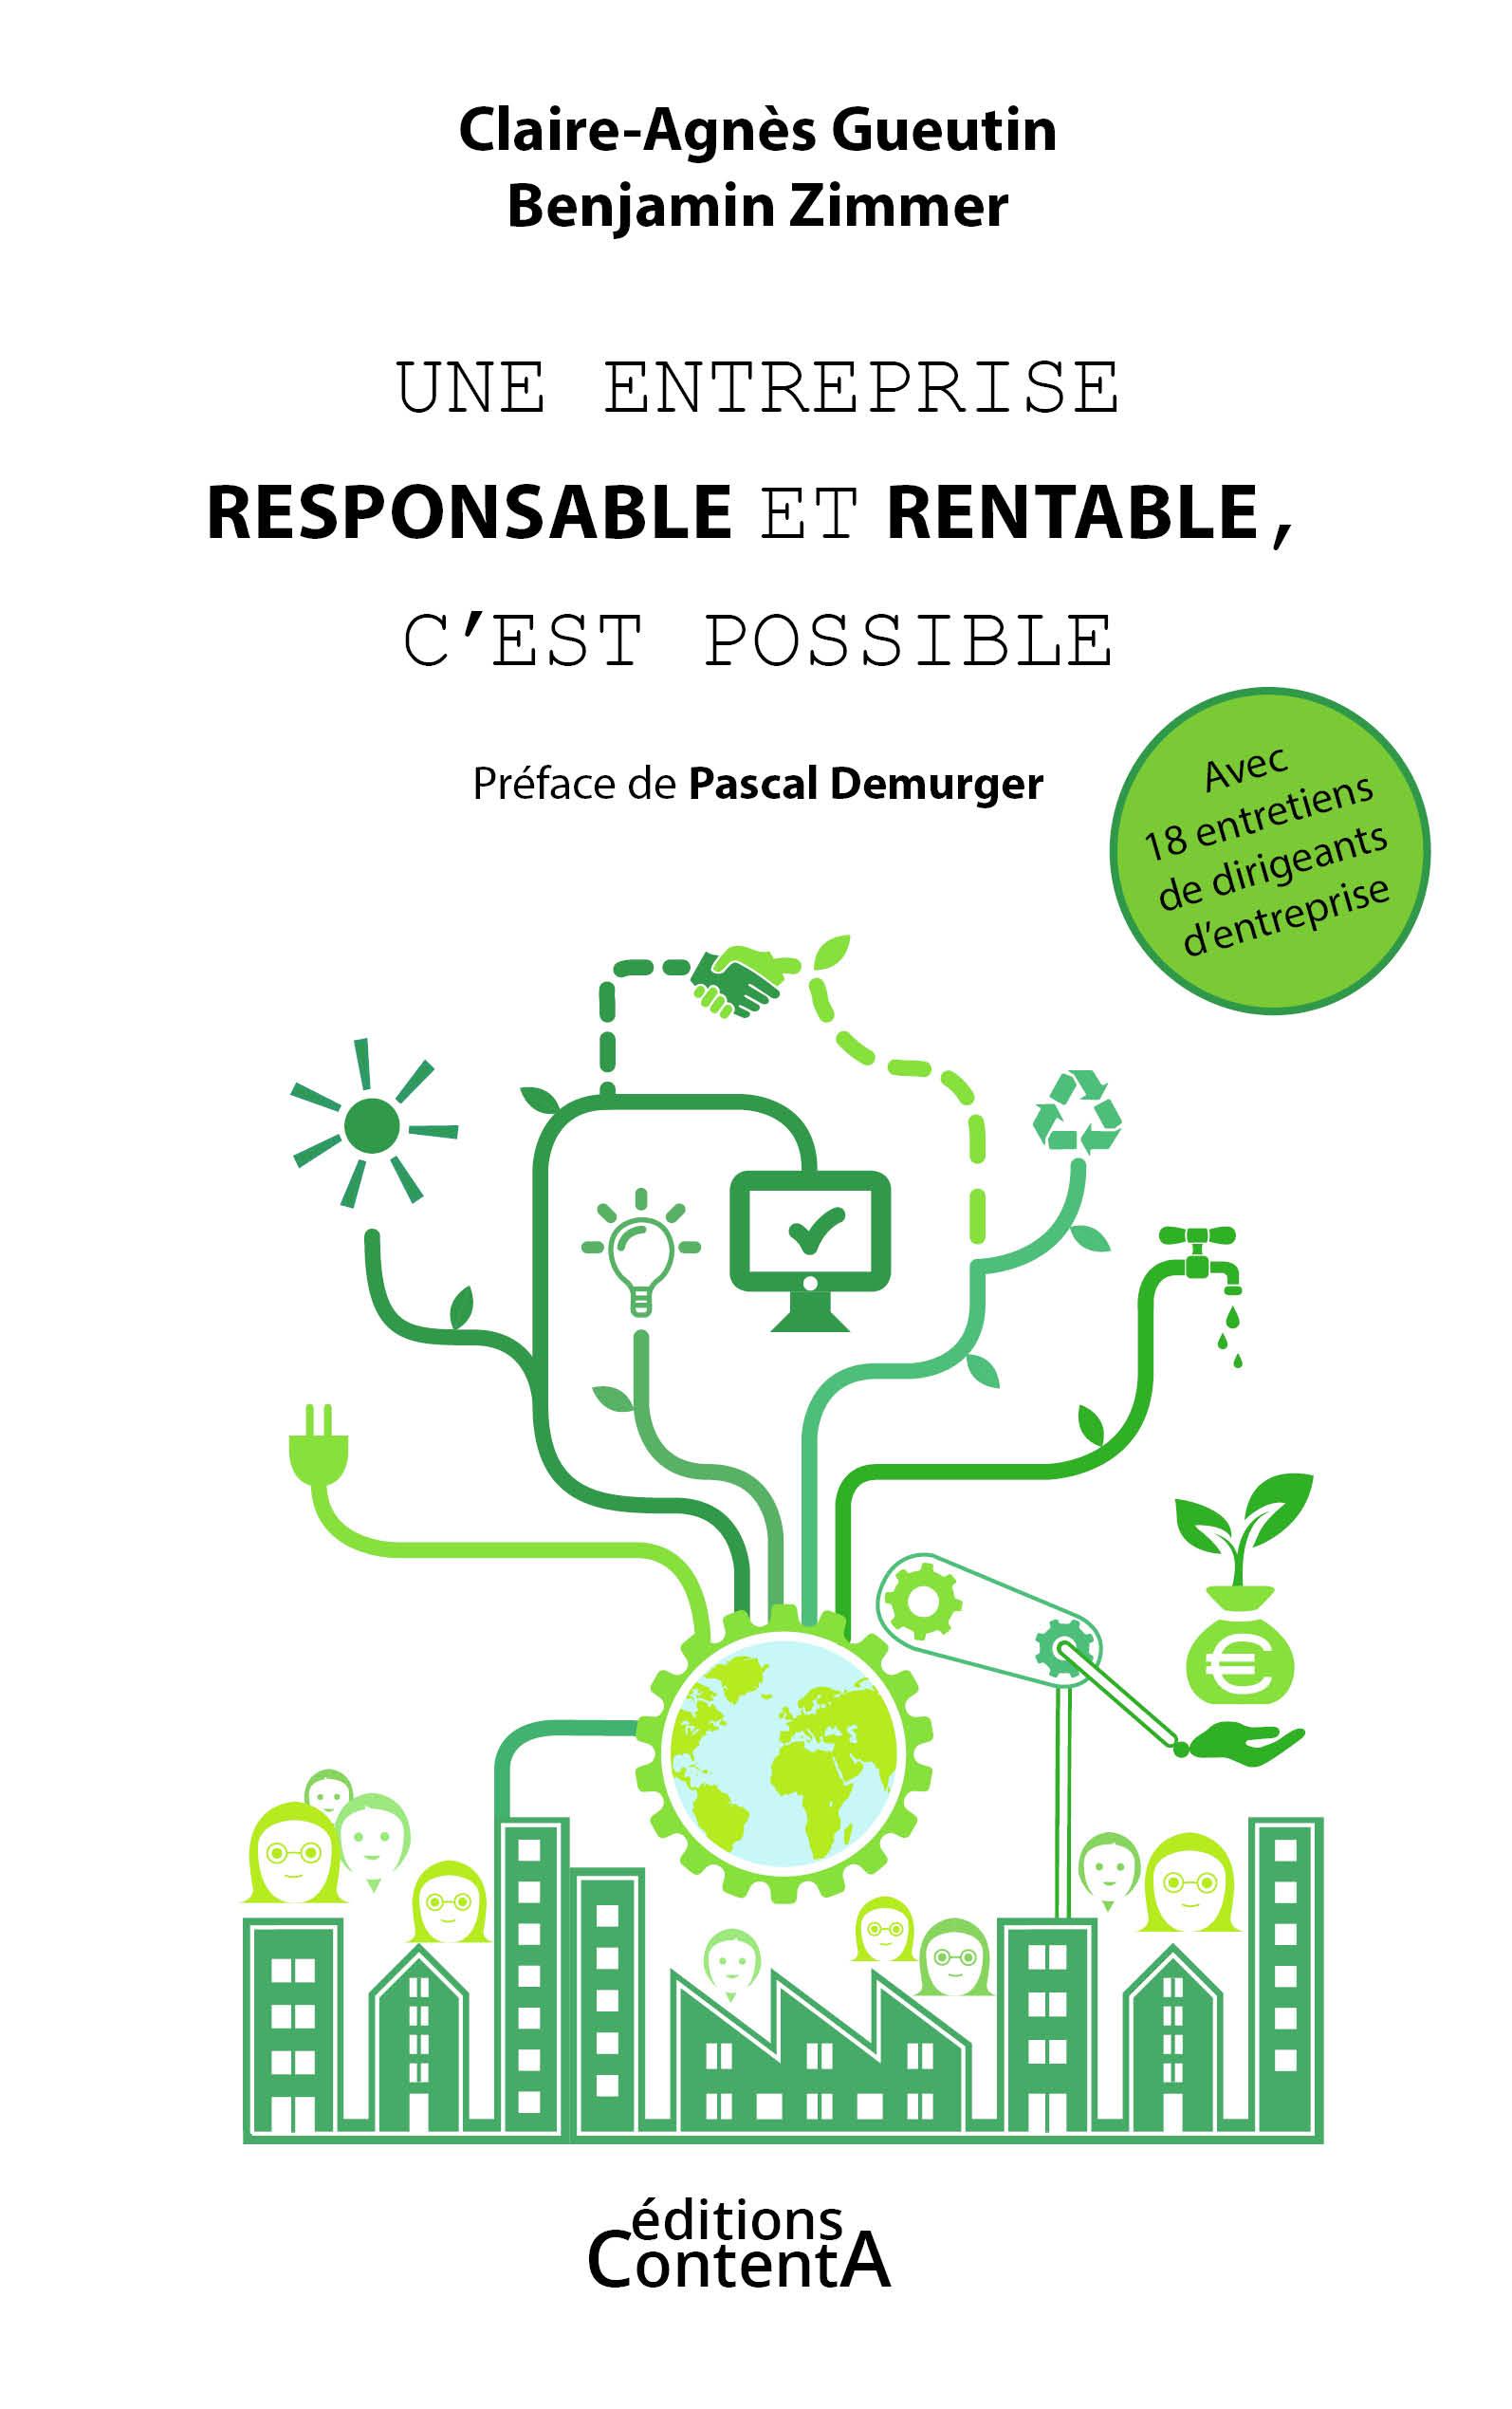 Une entreprise responsable et rentable, c'est possible_Gueutin Zimmer_éditions ContentA